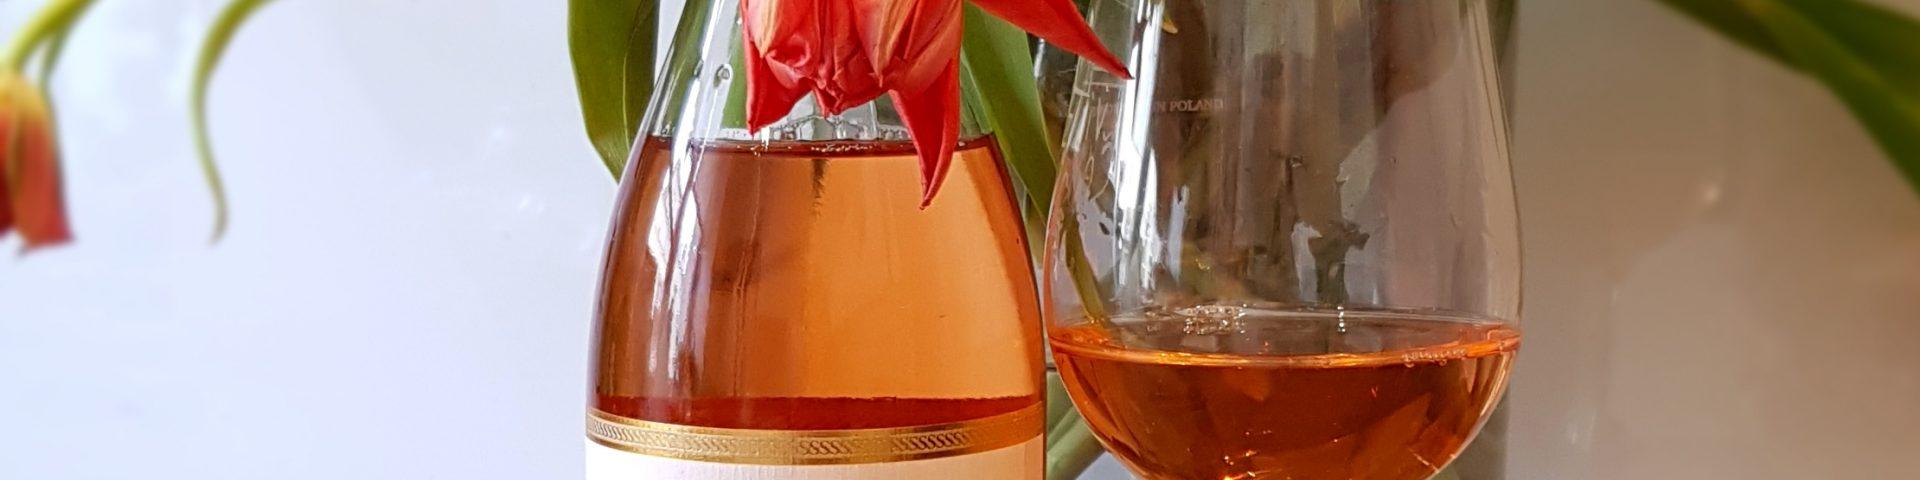 20190410 170621 1920x480 - Szöllősi Pincészet, Nészmely, Pinot Noir, 2017